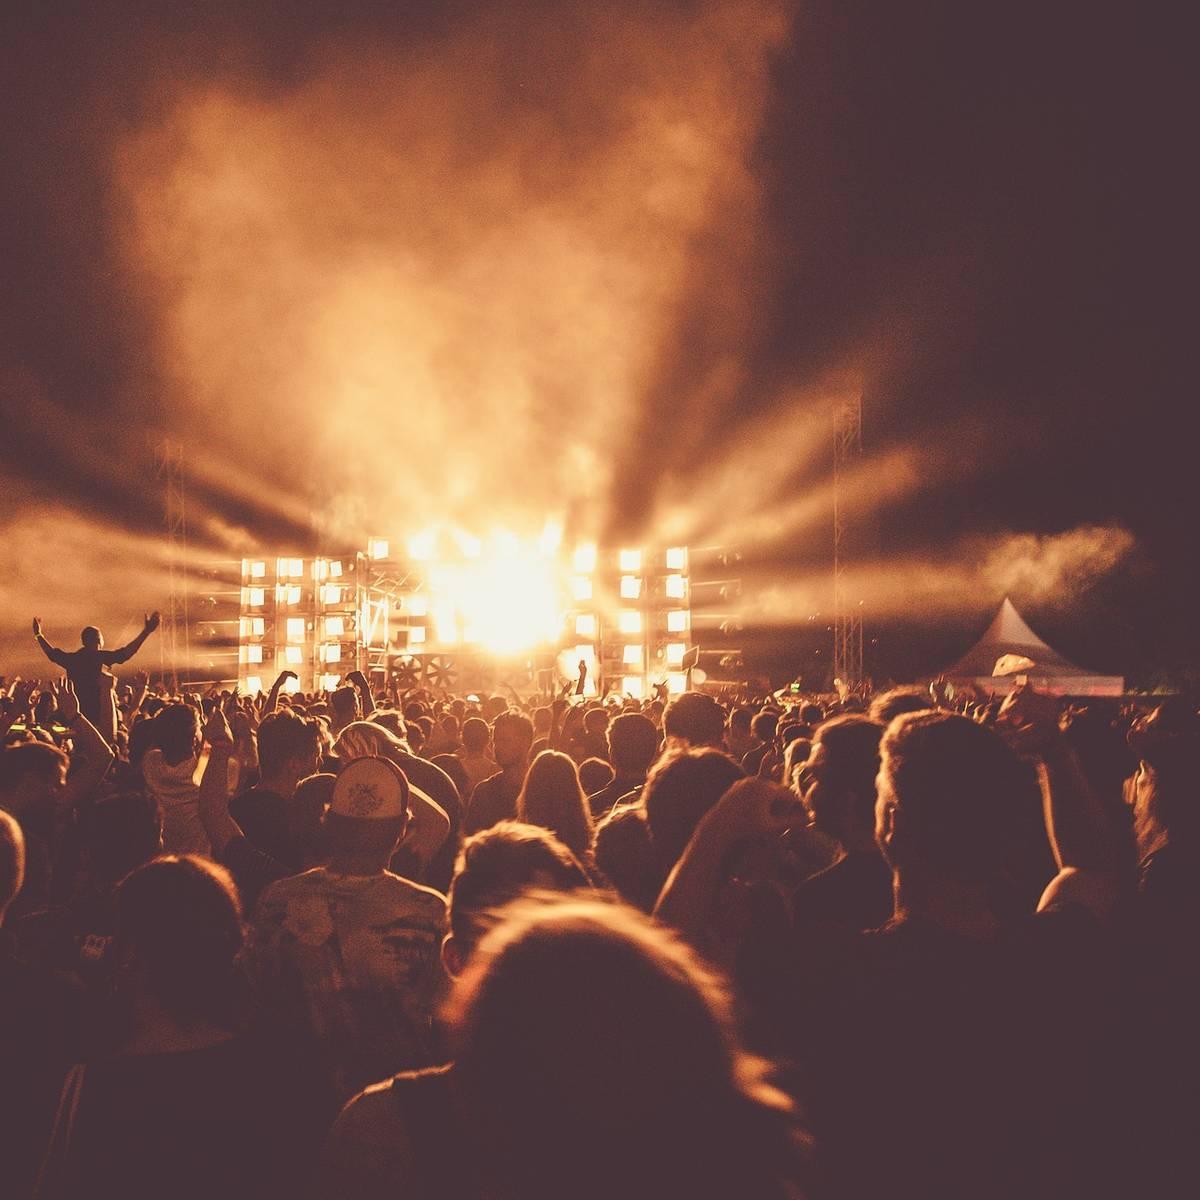 Neues Festival in Borken - RADIO WMW